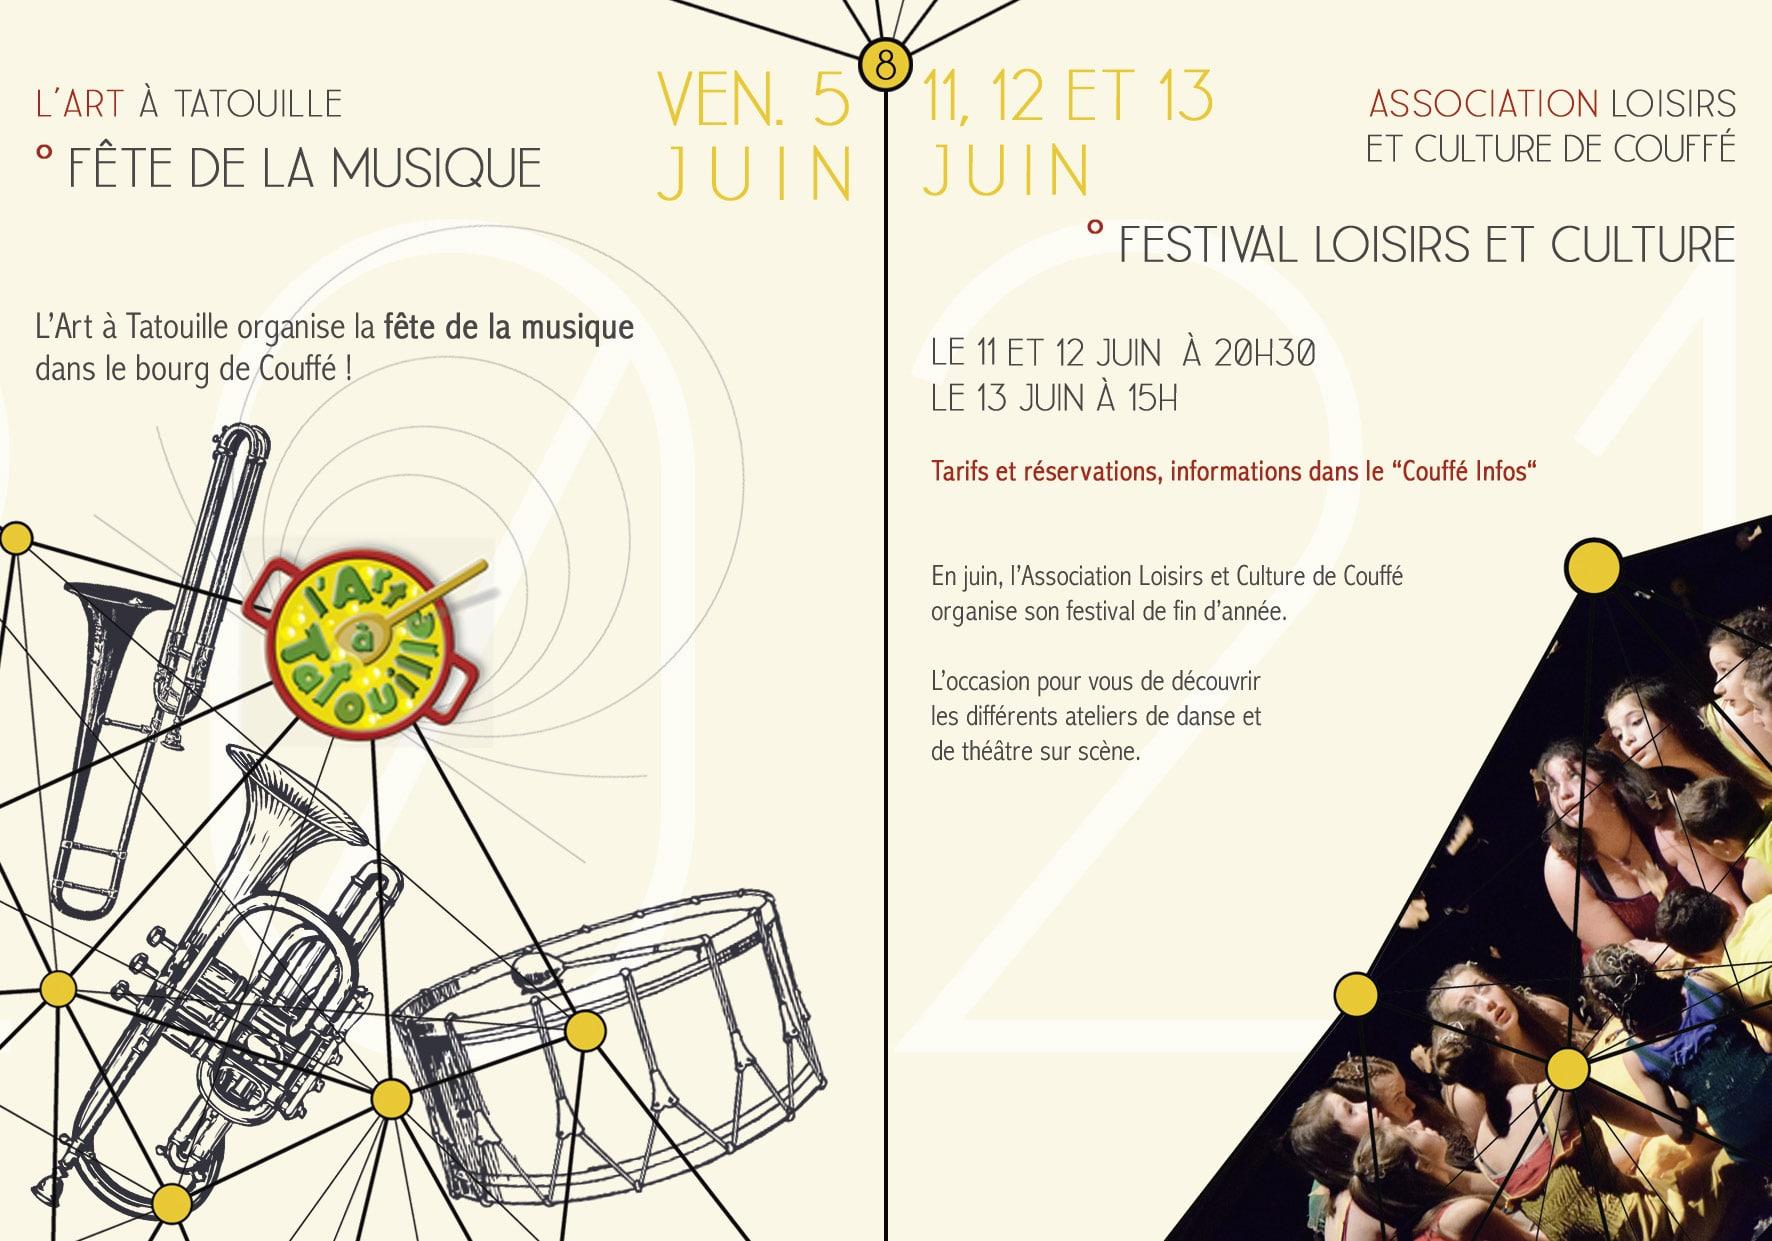 COUFFE-Saison-culturelle-brochure-A6-2020001788-AC_Page_08